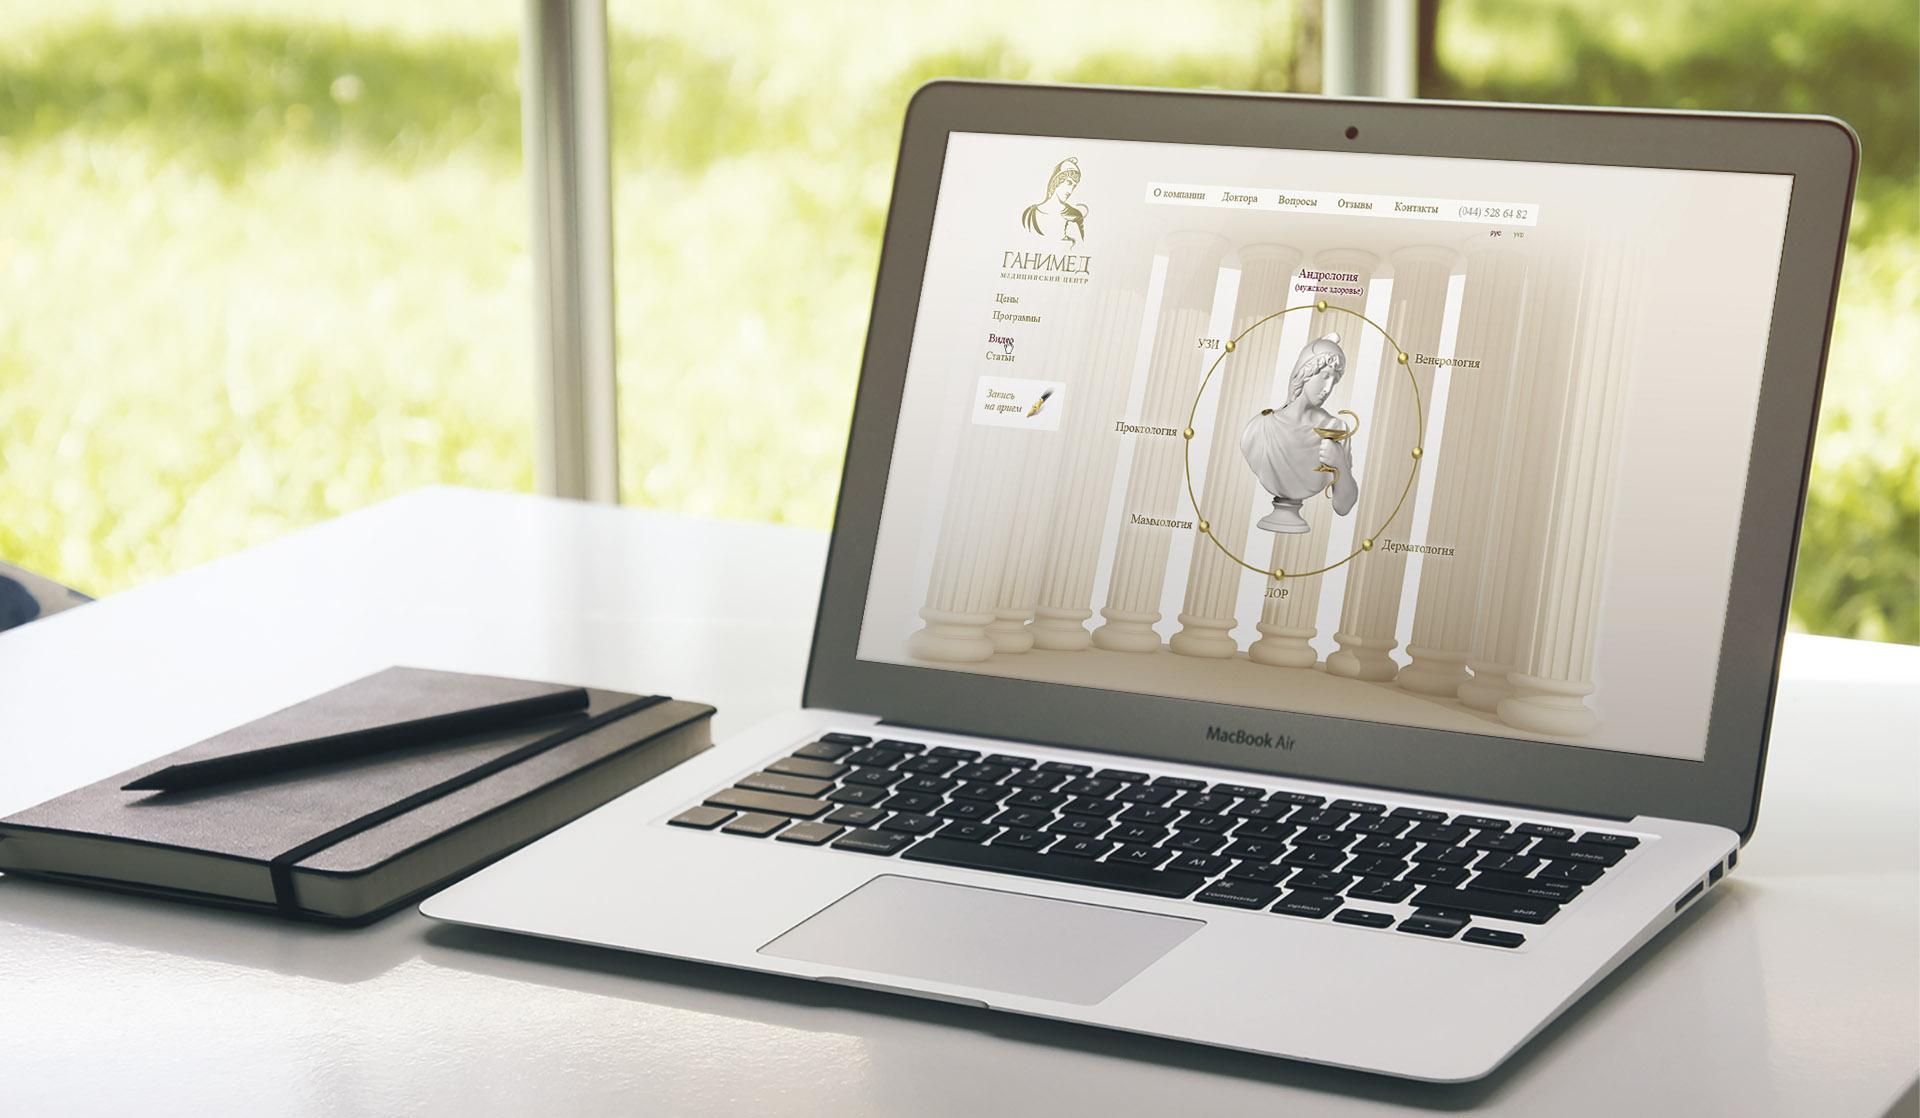 Дизайн сайта медицинской клиники, Medical clinic web design